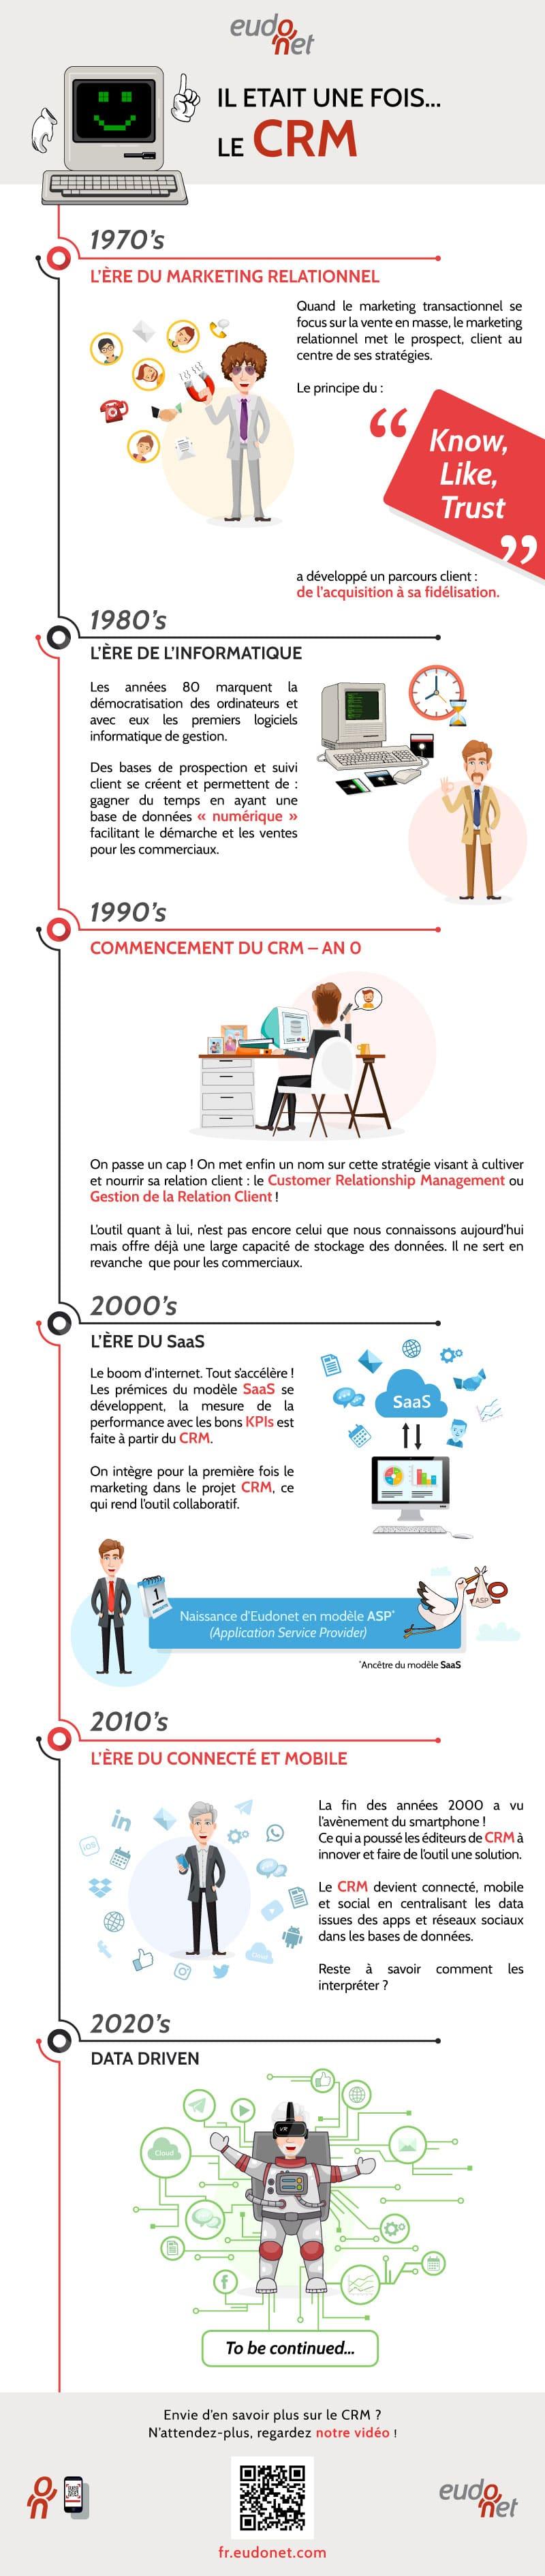 Infographie sur l'histoire du CRM